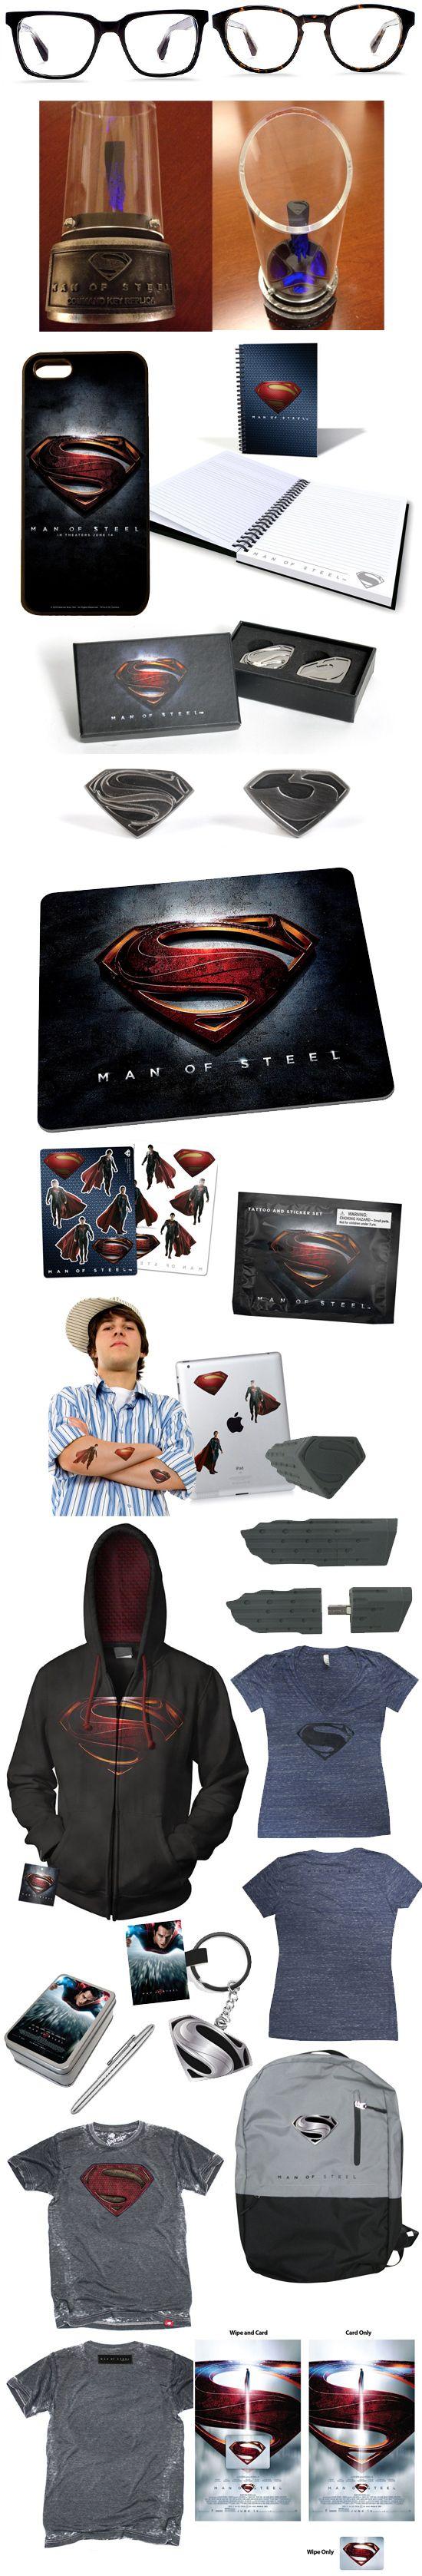 <strong><em>Man of Steel</em></strong> Giveaway